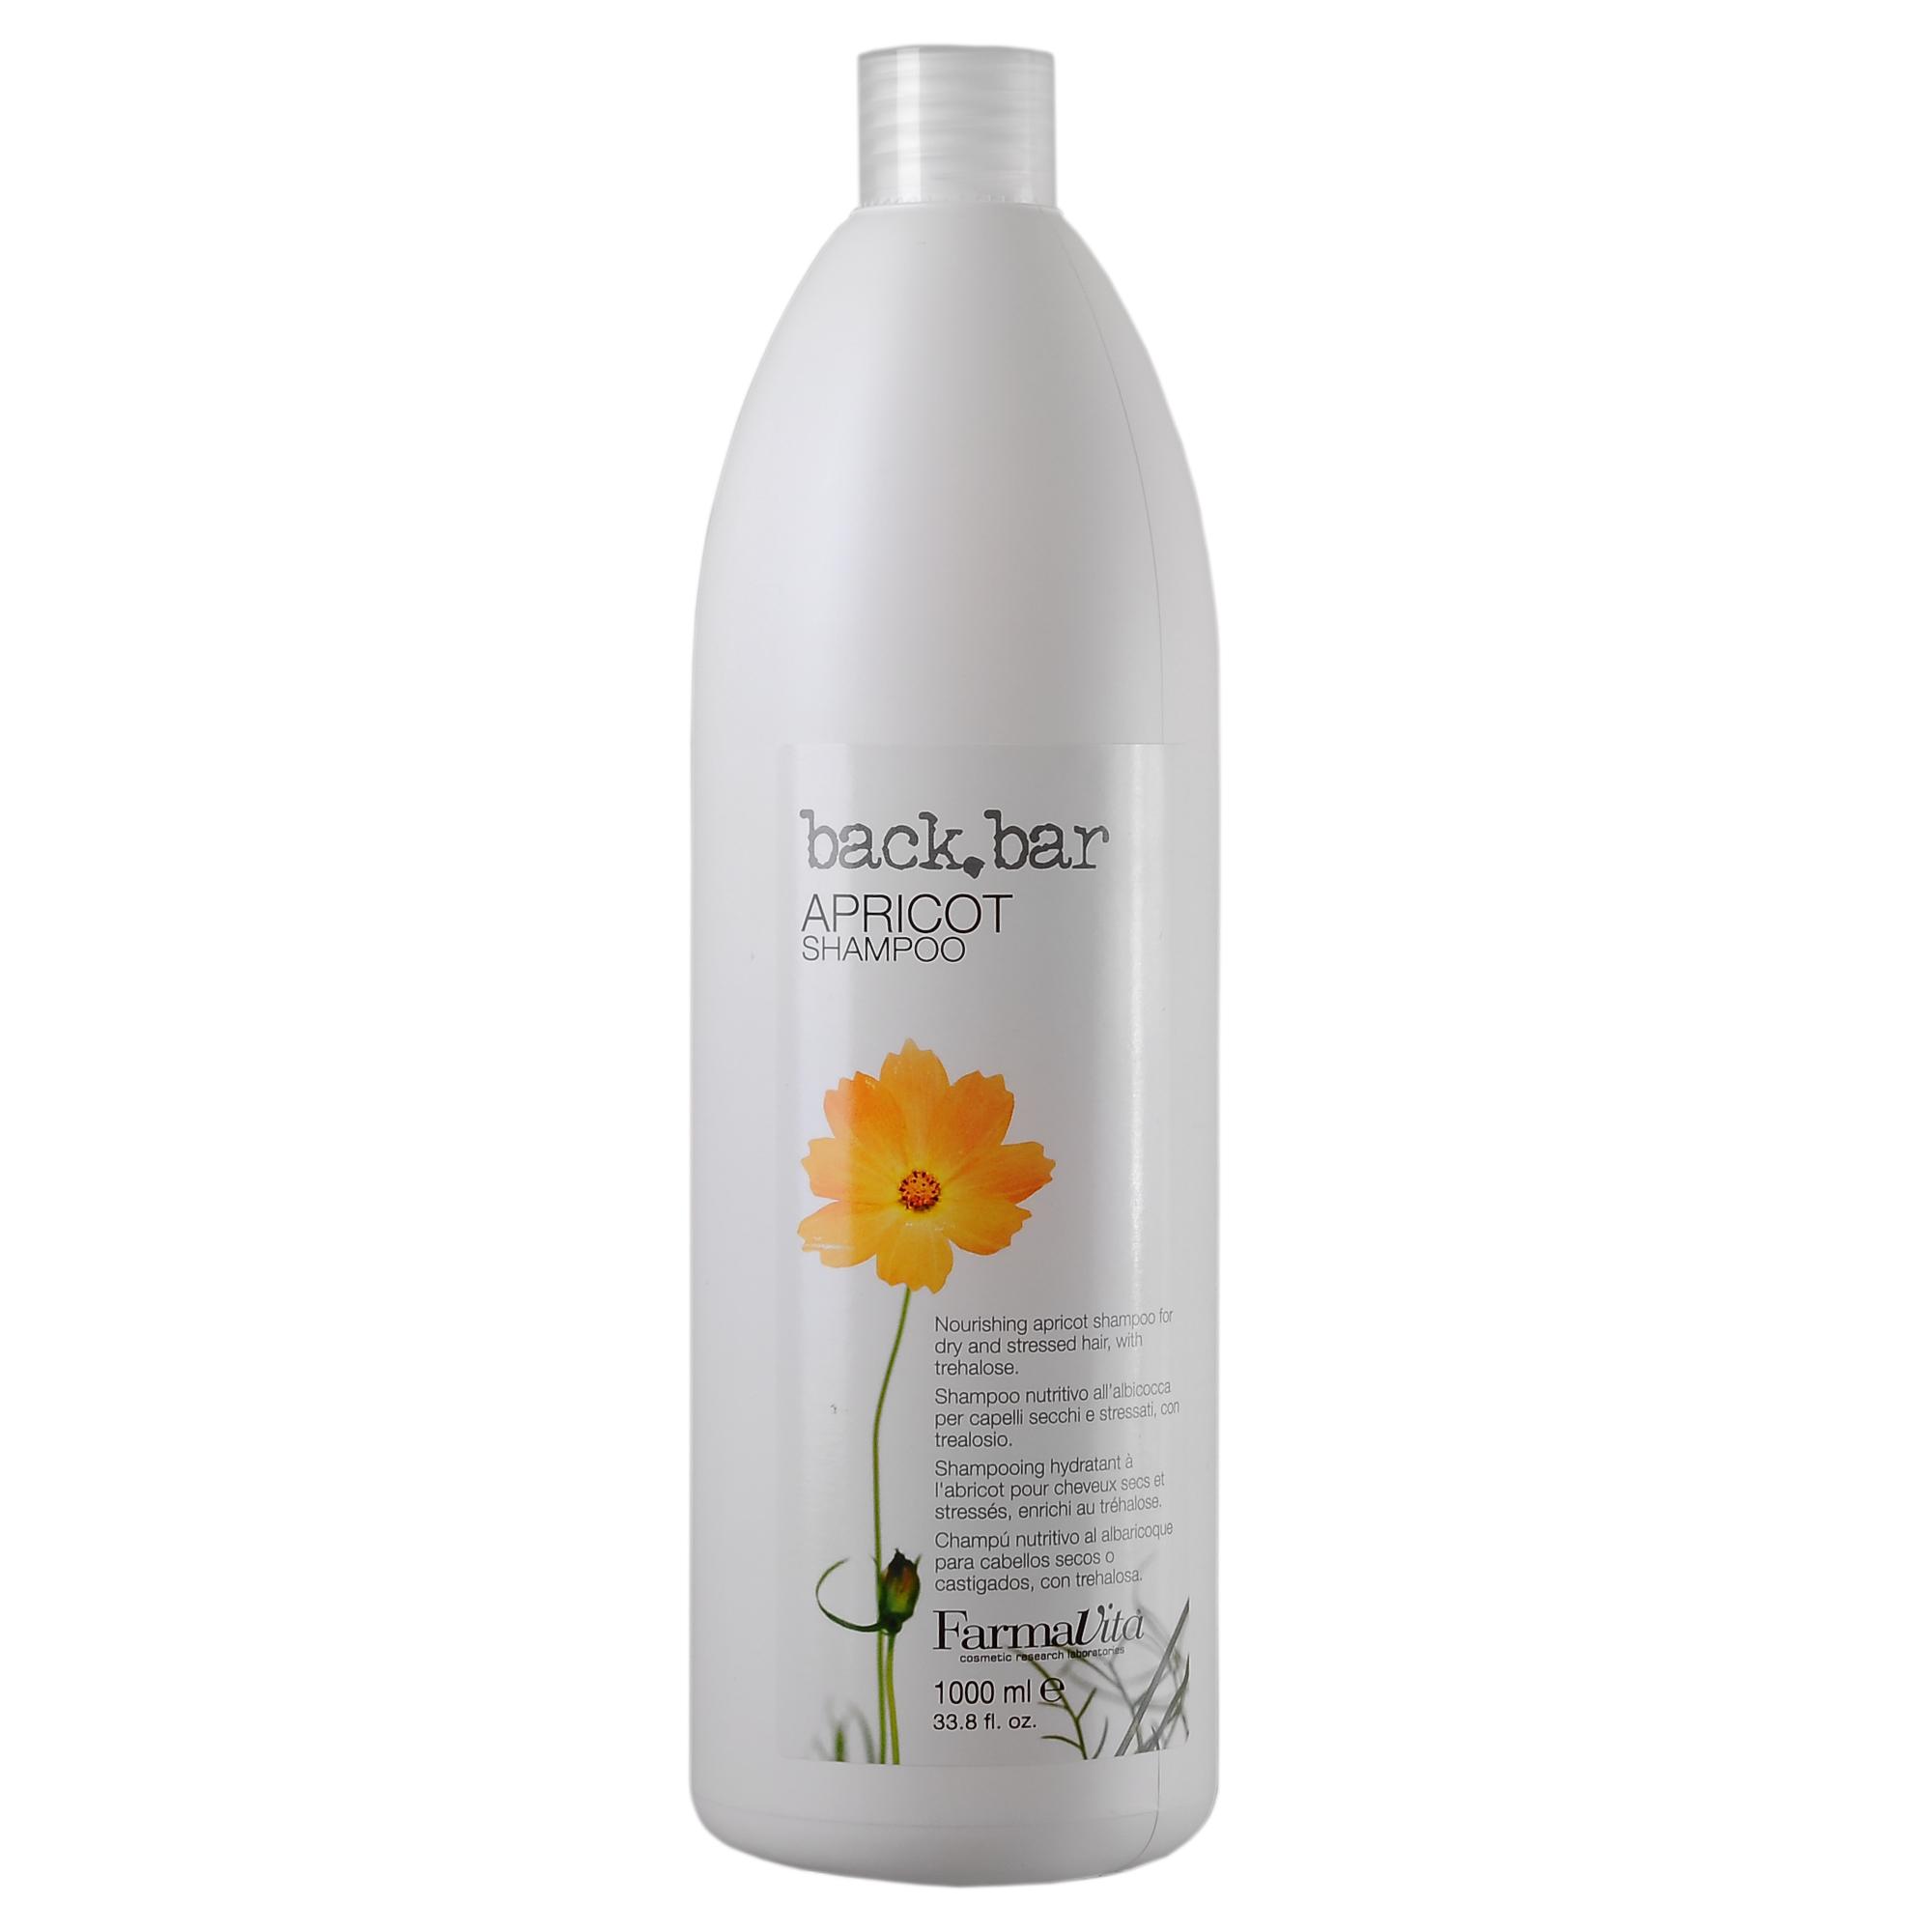 FARMAVITA Шампунь абрикос Apricot Shampoo / BACK BAR 1000 млШампуни<br>Шампунь абрикос из линии Back Bar (Бэк бар априкот) - специальный шампунь для сухих и повреждённых волос. Мягко очищает повреждённые и ослабленные волосы. Увлажняет волосы придаёт им шелковистый блеск. Способ применения: нанесите шампунь Back Bar Apricot на увлажнённую кожу головы. Массирующими движениями распределите по волосам, затем бережно смойте. При необходимости повторите процедуру. Нанесите подходящее для ваших волос средство для ухода. При обезвоживании кожи и волос рекомендуется совмещать шампунь с кондиционером Back Bar Beta-Carotene Conditioner или кондиционером Back Bar Extreme Conditioner.<br><br>Объем: 1000 мл